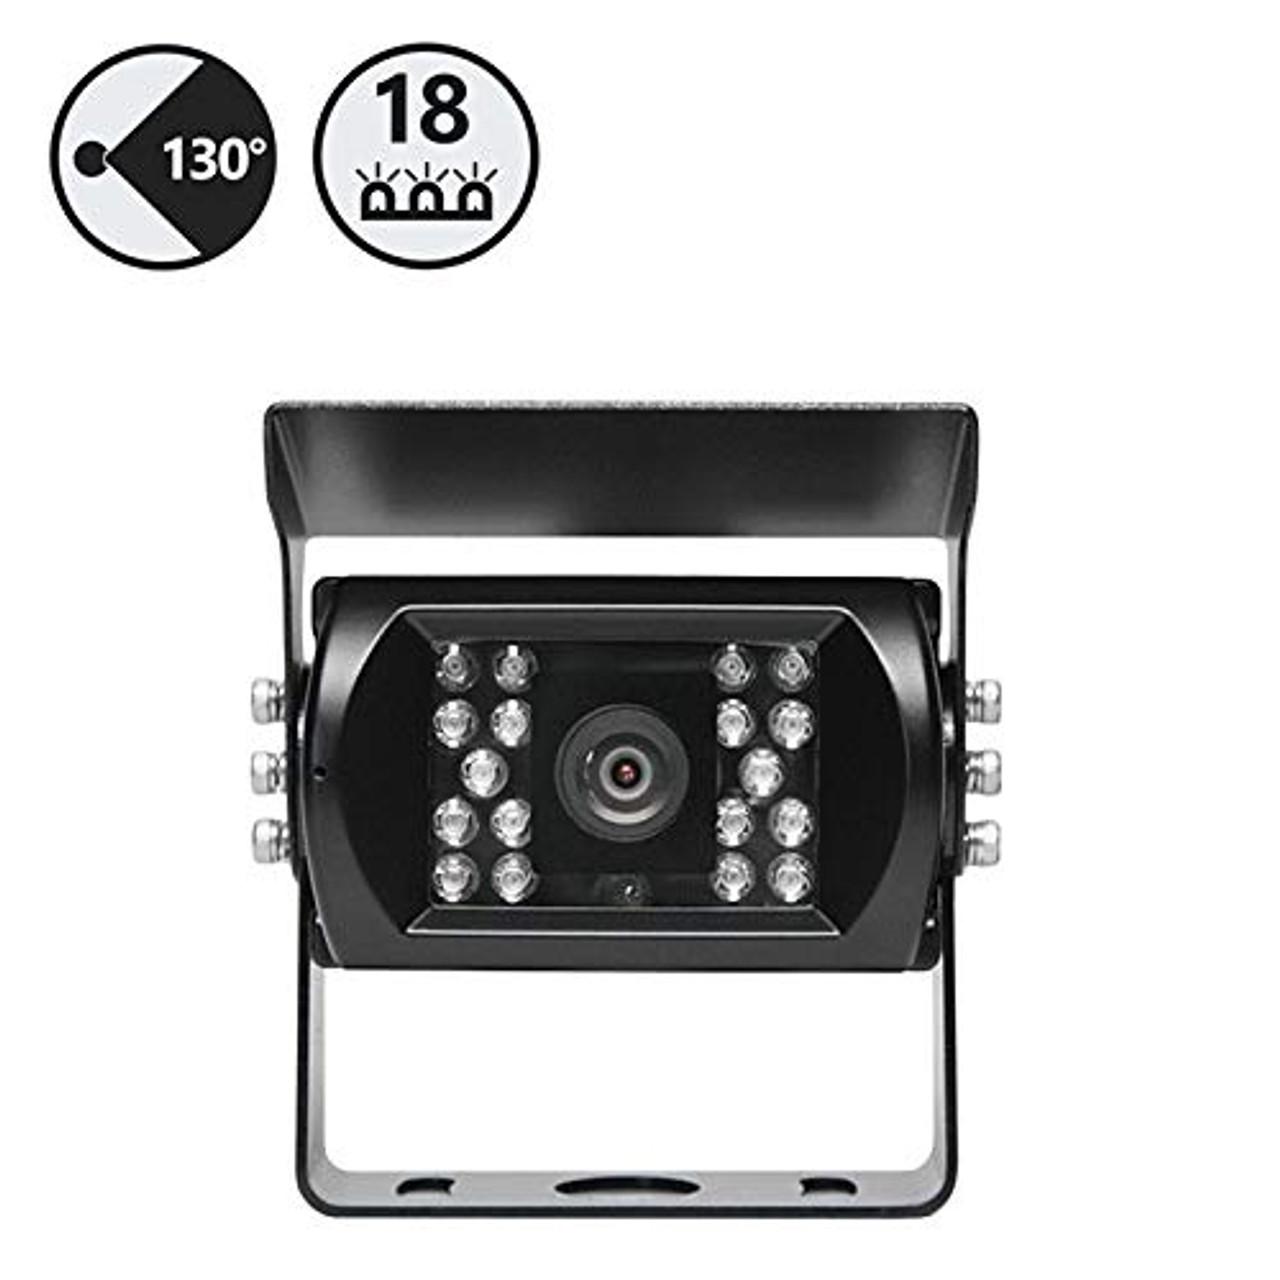 Backup Camera, 66' Cable, RCA Adapter | 1016VYM51GU